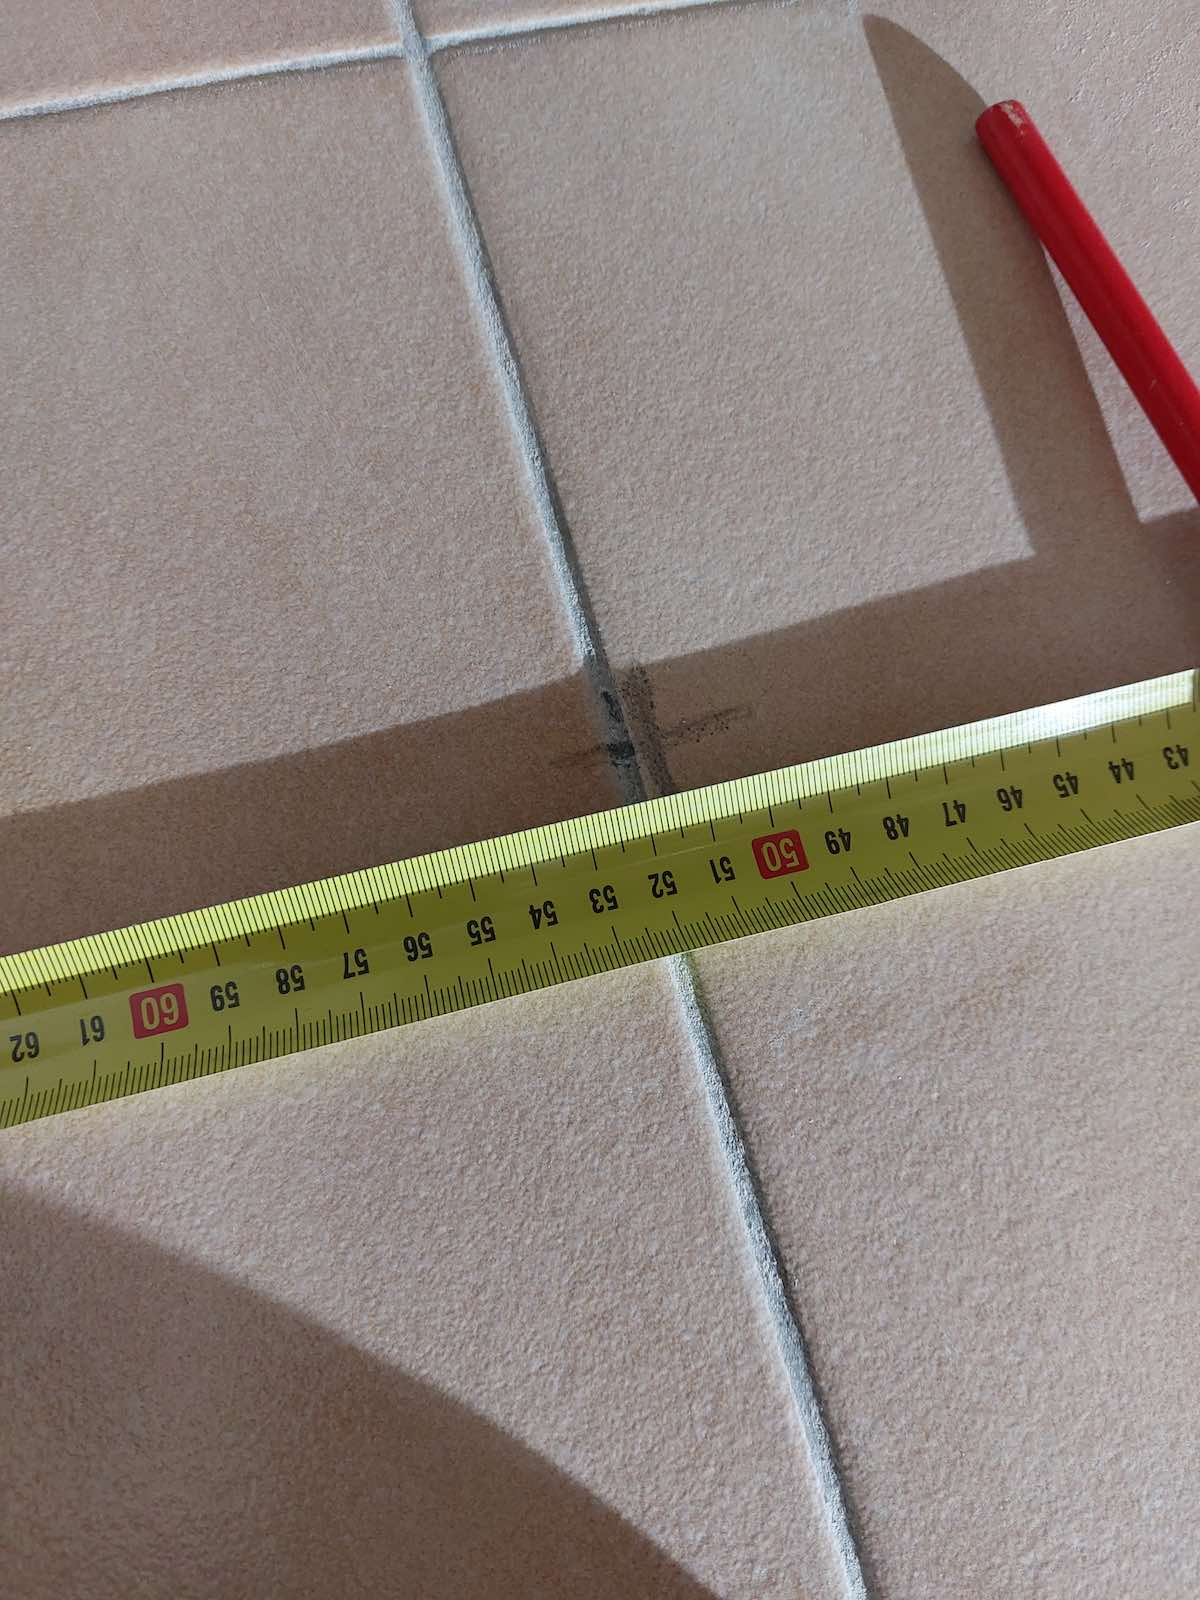 mesure de la distance entre spot au sol